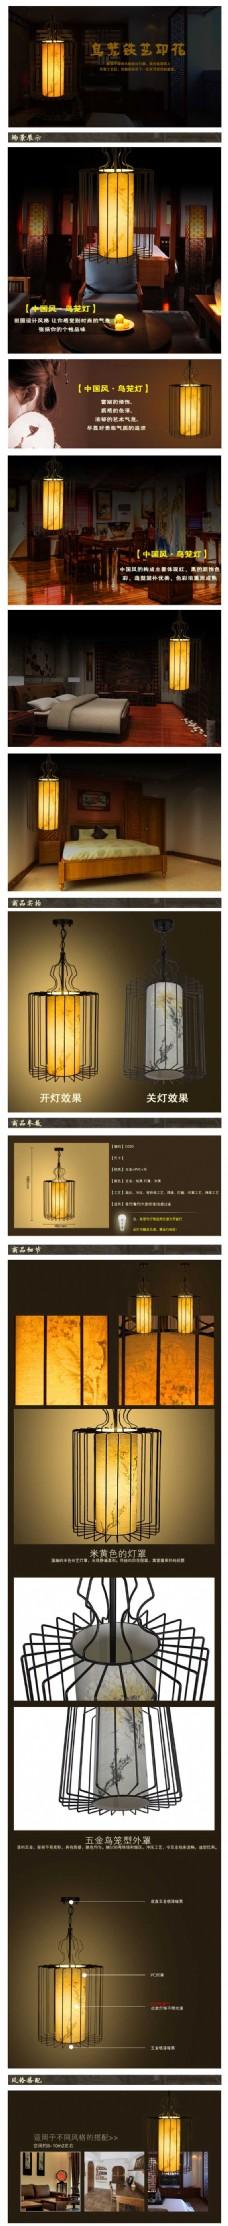 鸟笼铁艺印花-灯具描述